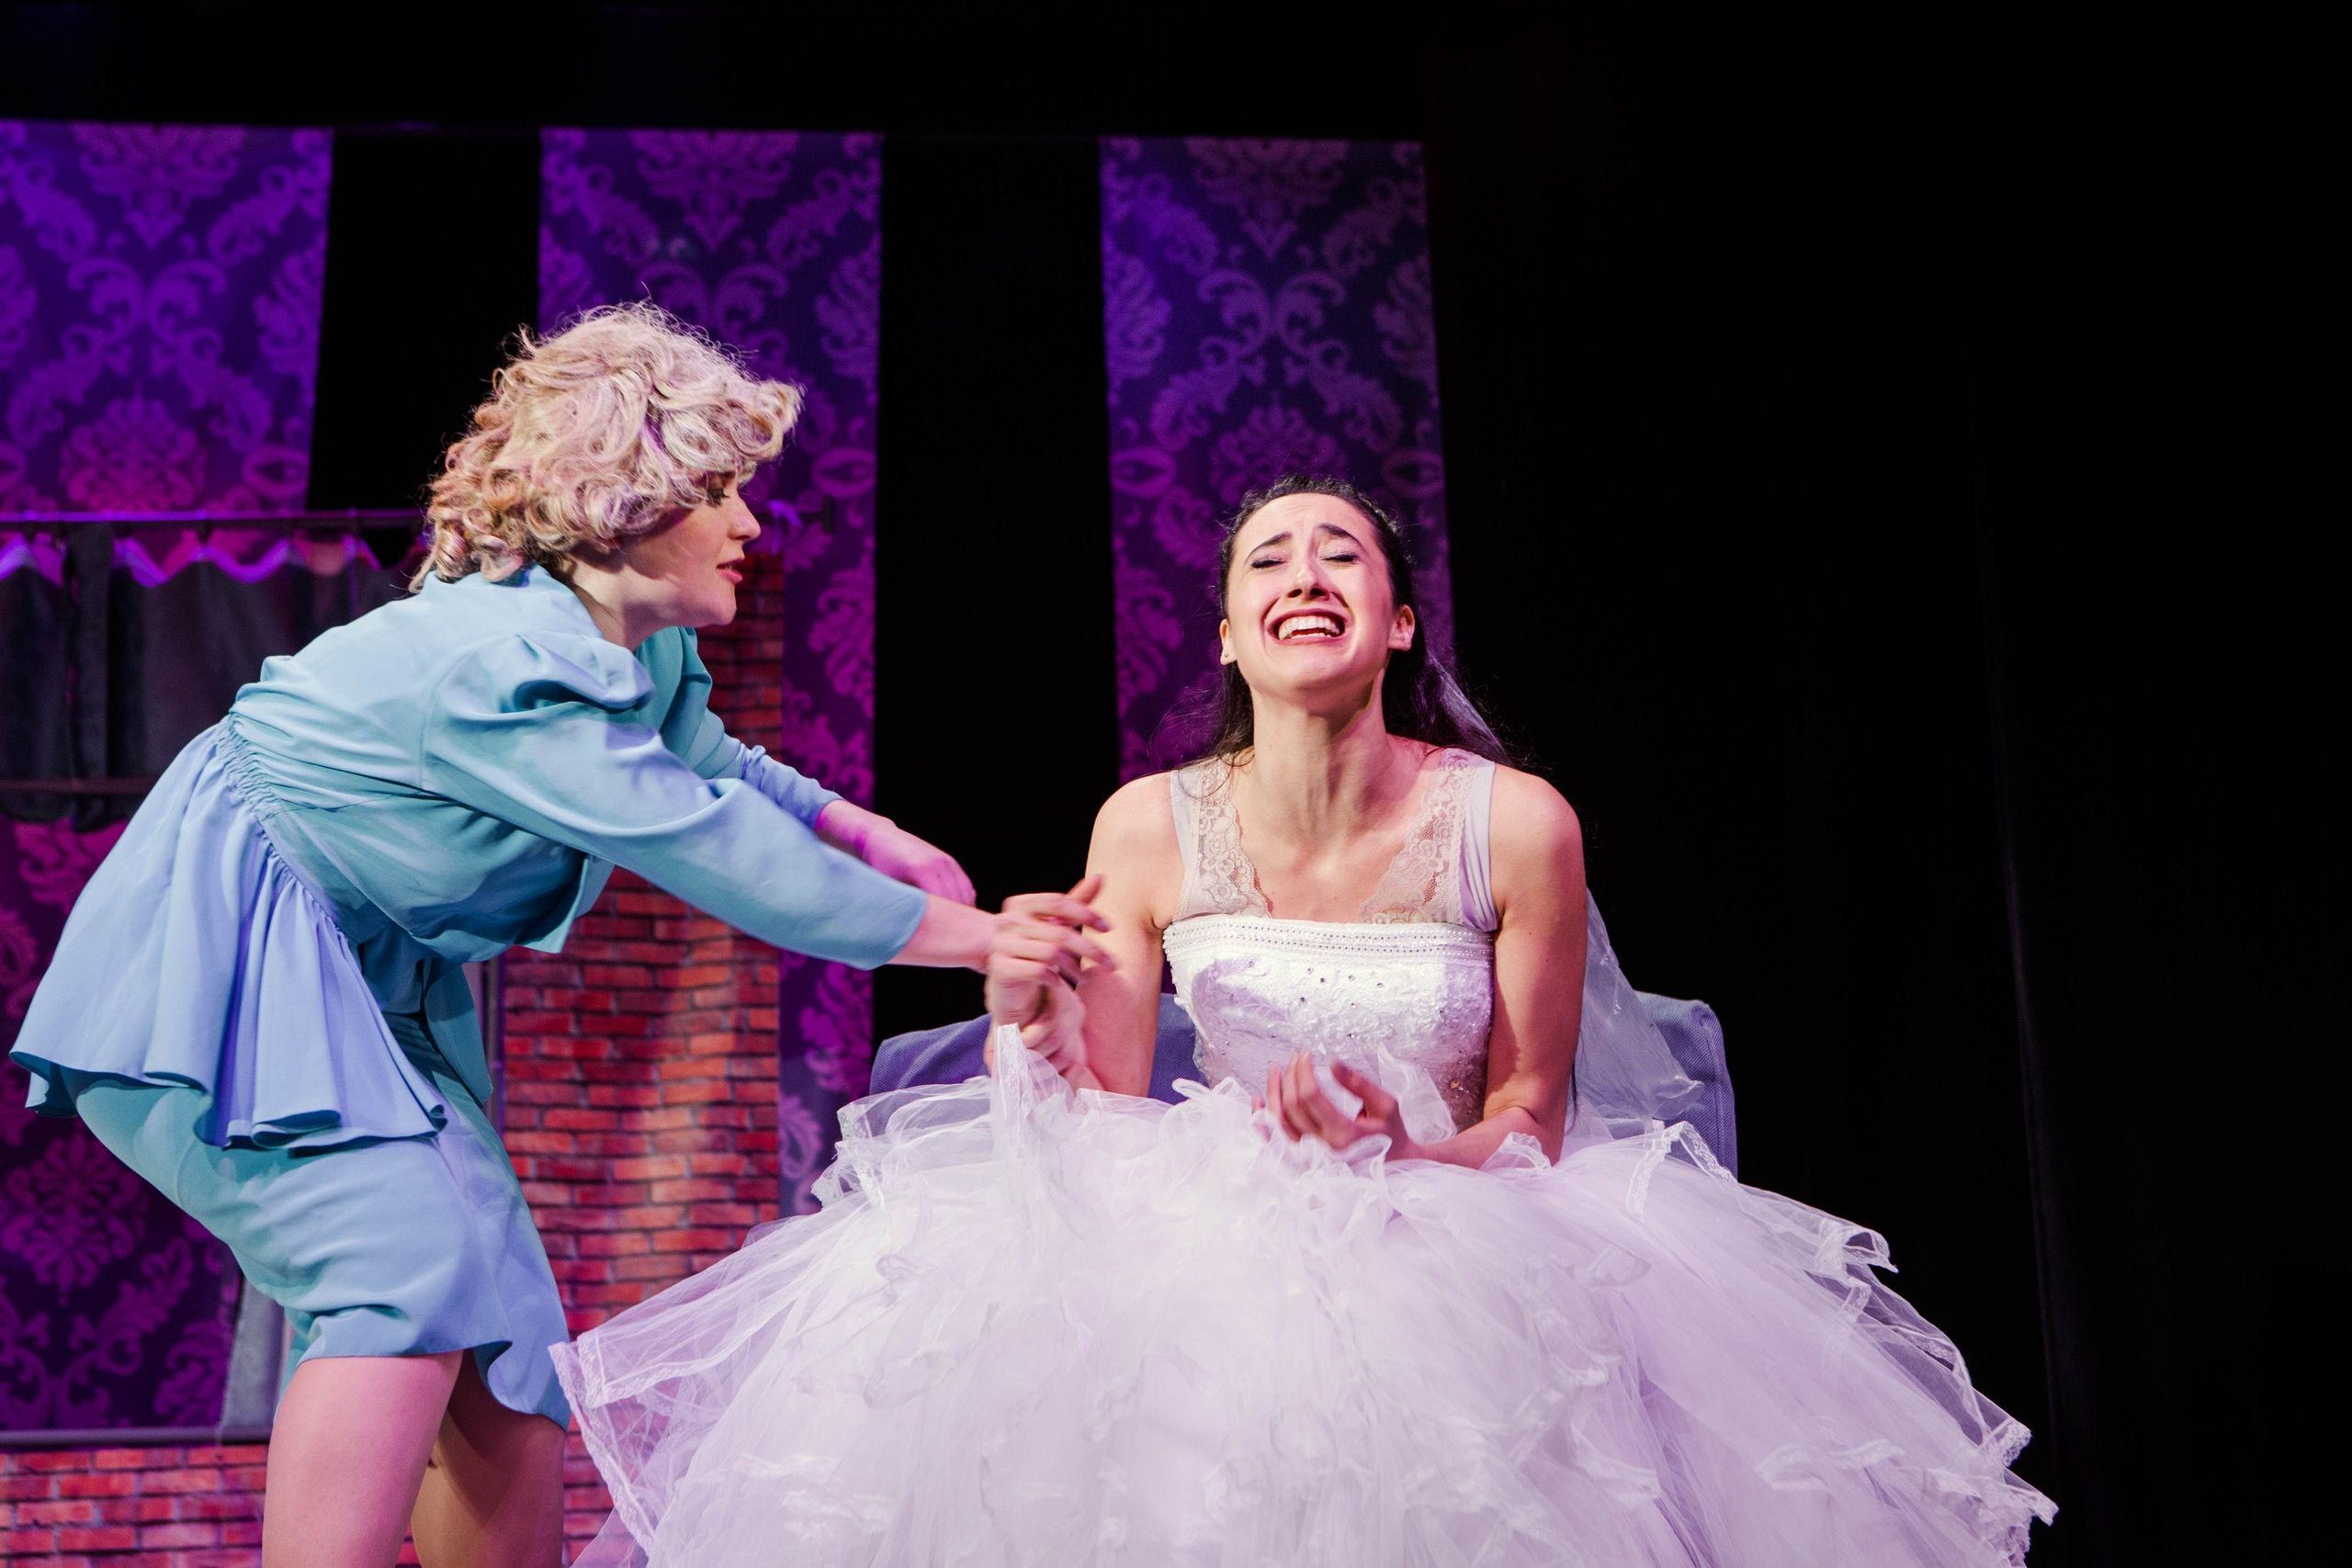 Спектакль «Пила вино и хохотала. Белое» в постановке «Театра двух» (Санкт-Петербург) фото 7